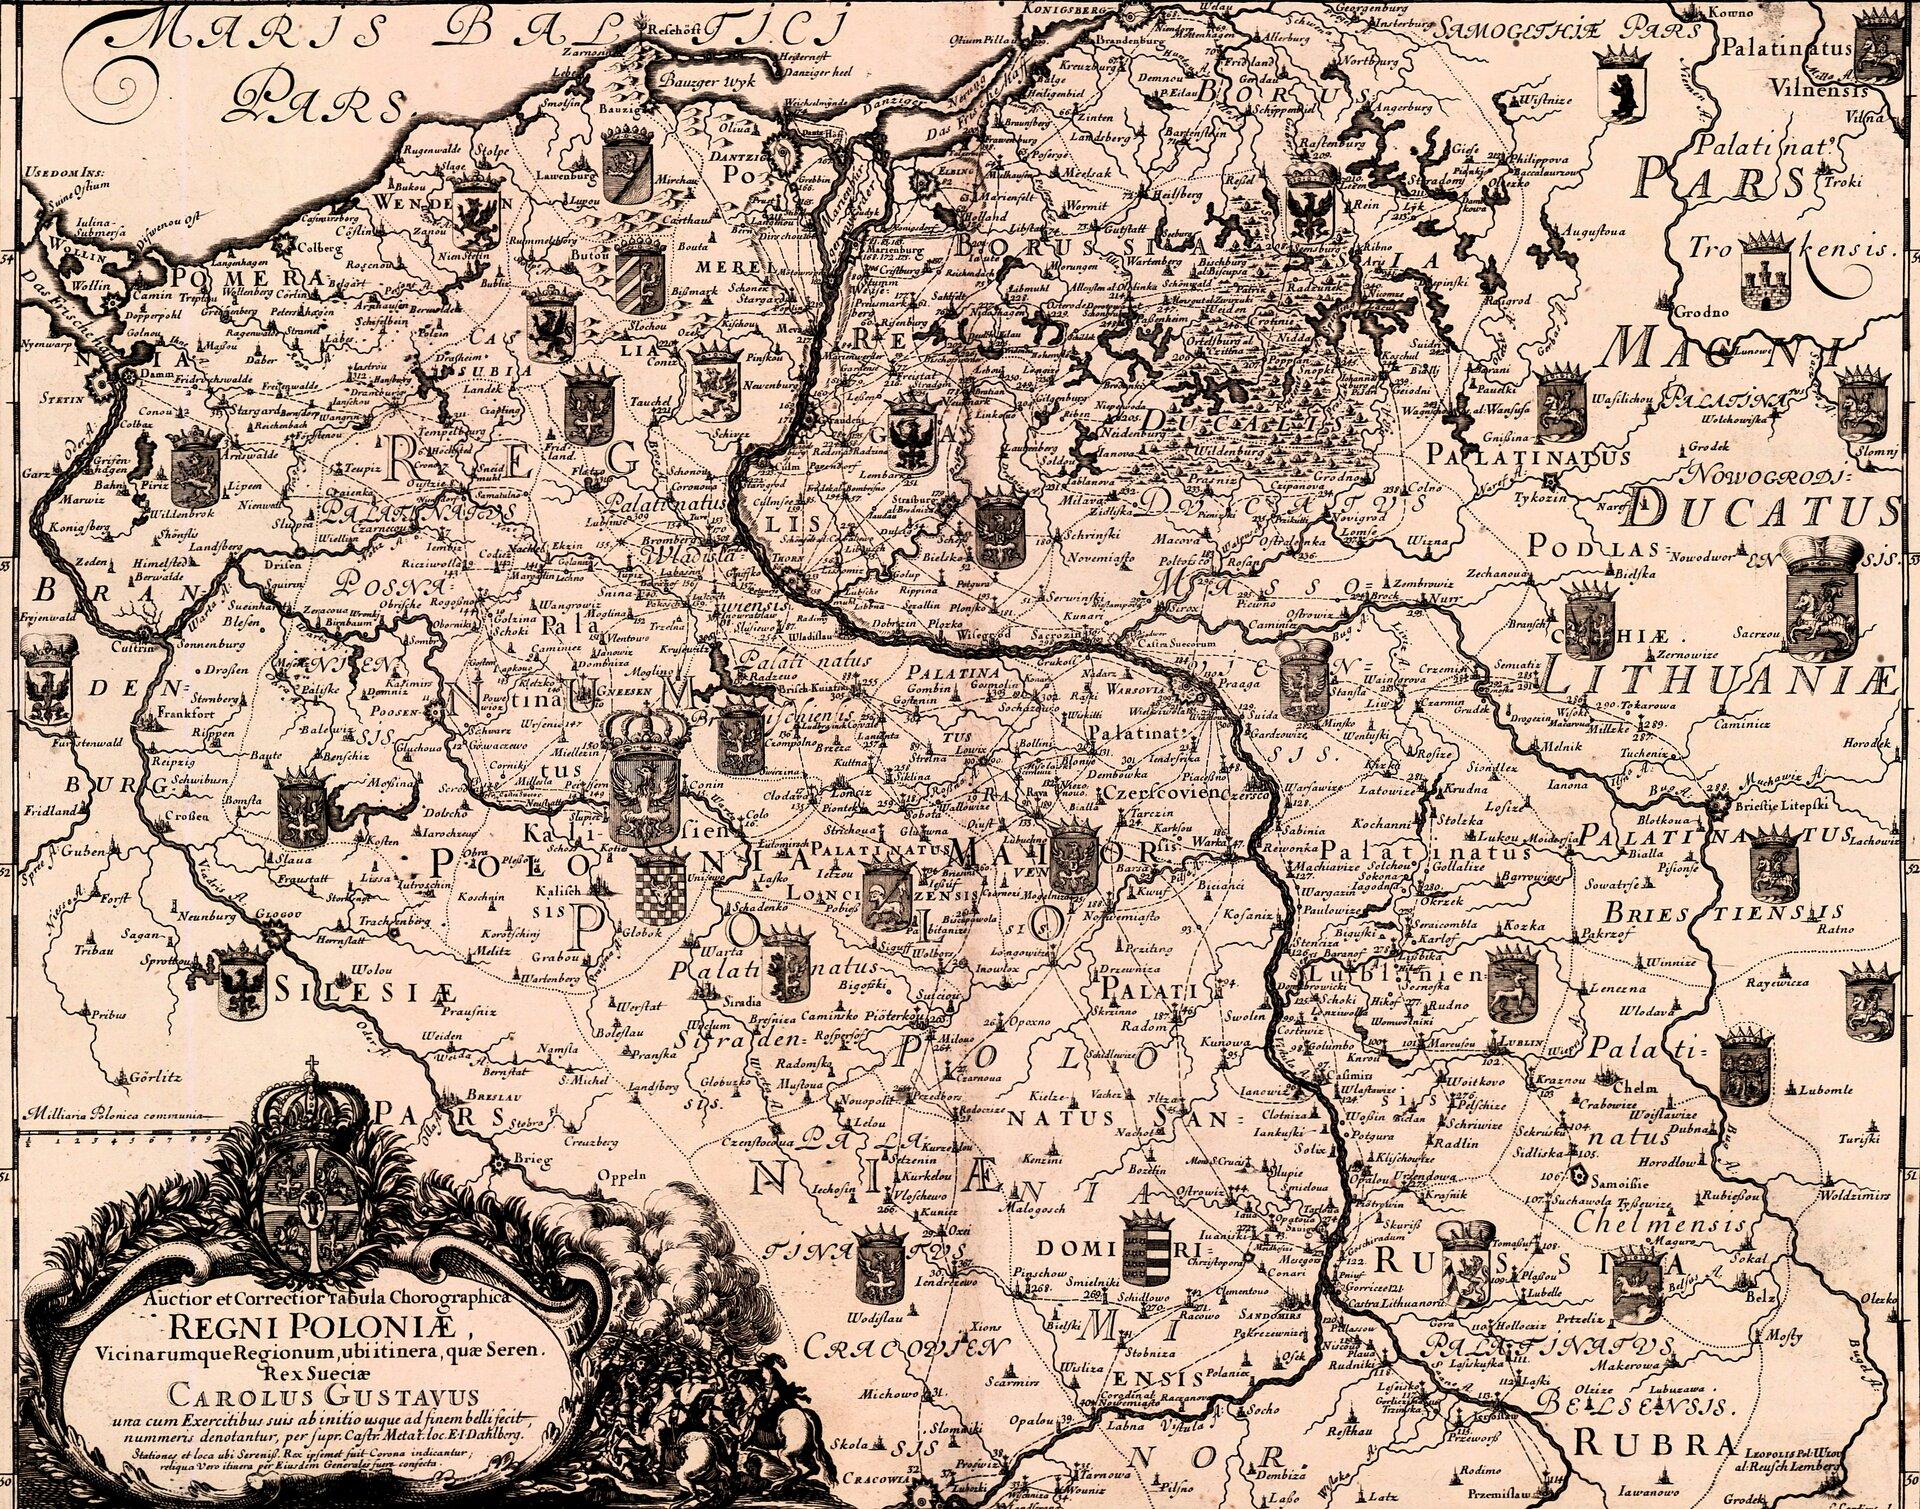 Mapa Polski zXVII wieku przedstawiająca zasięg działań szwedzkich na ziemiach polskich wczasie potopu. Tarczami herbowymi zkoroną zostały oznaczone miejsca pobytu Karola Gustawa.